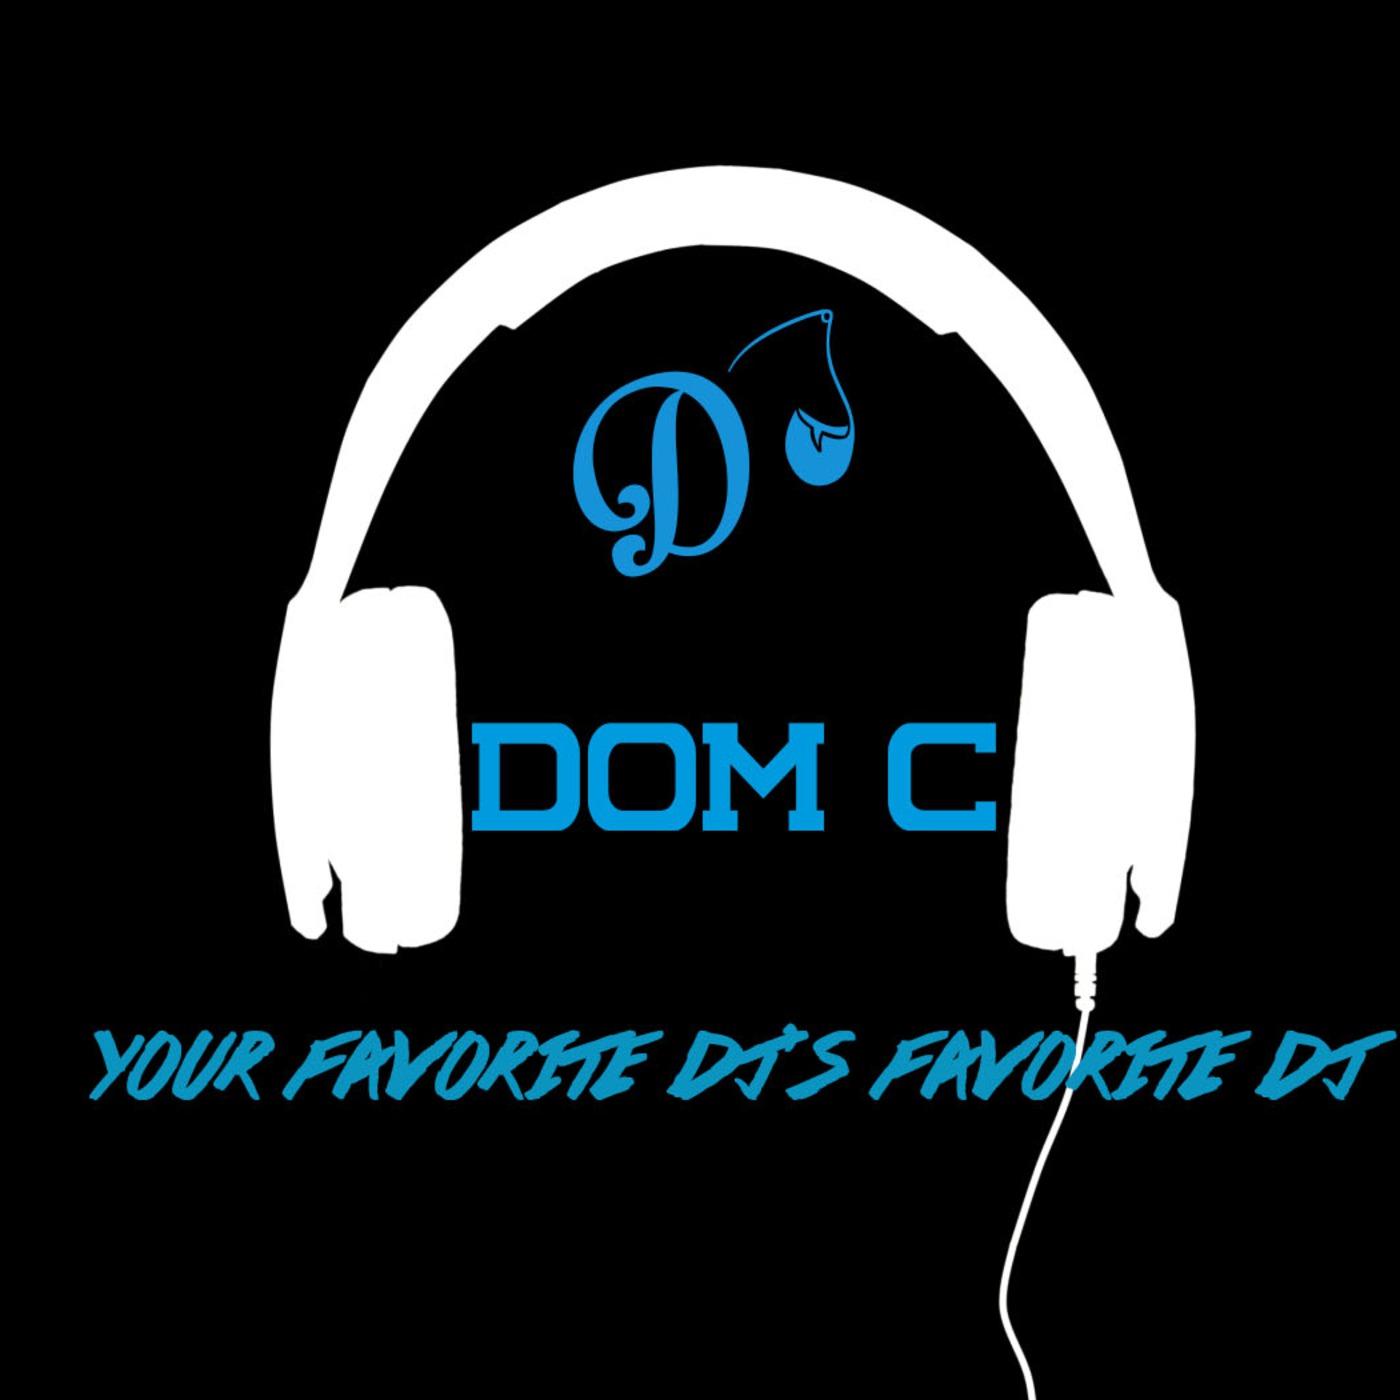 DJ Dom C Podcast